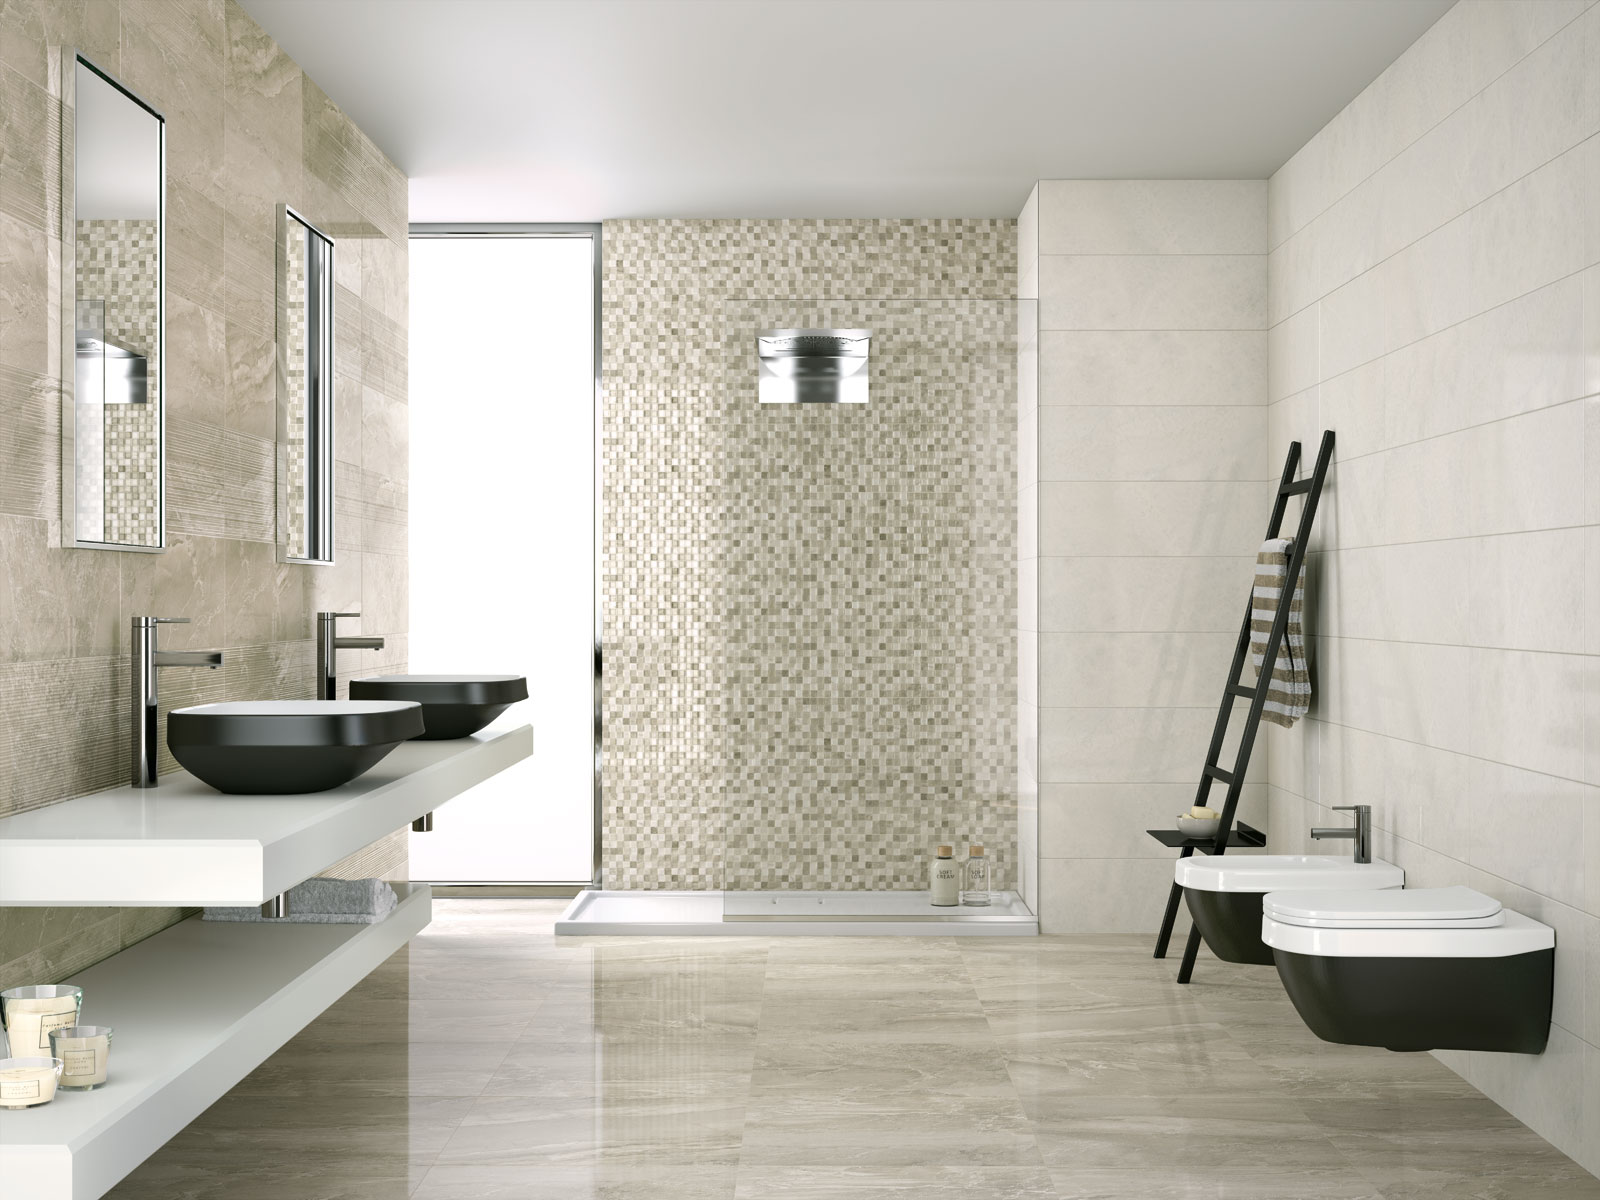 Piastrelle bagno marazzi effetto marmo allmarble gres effetto